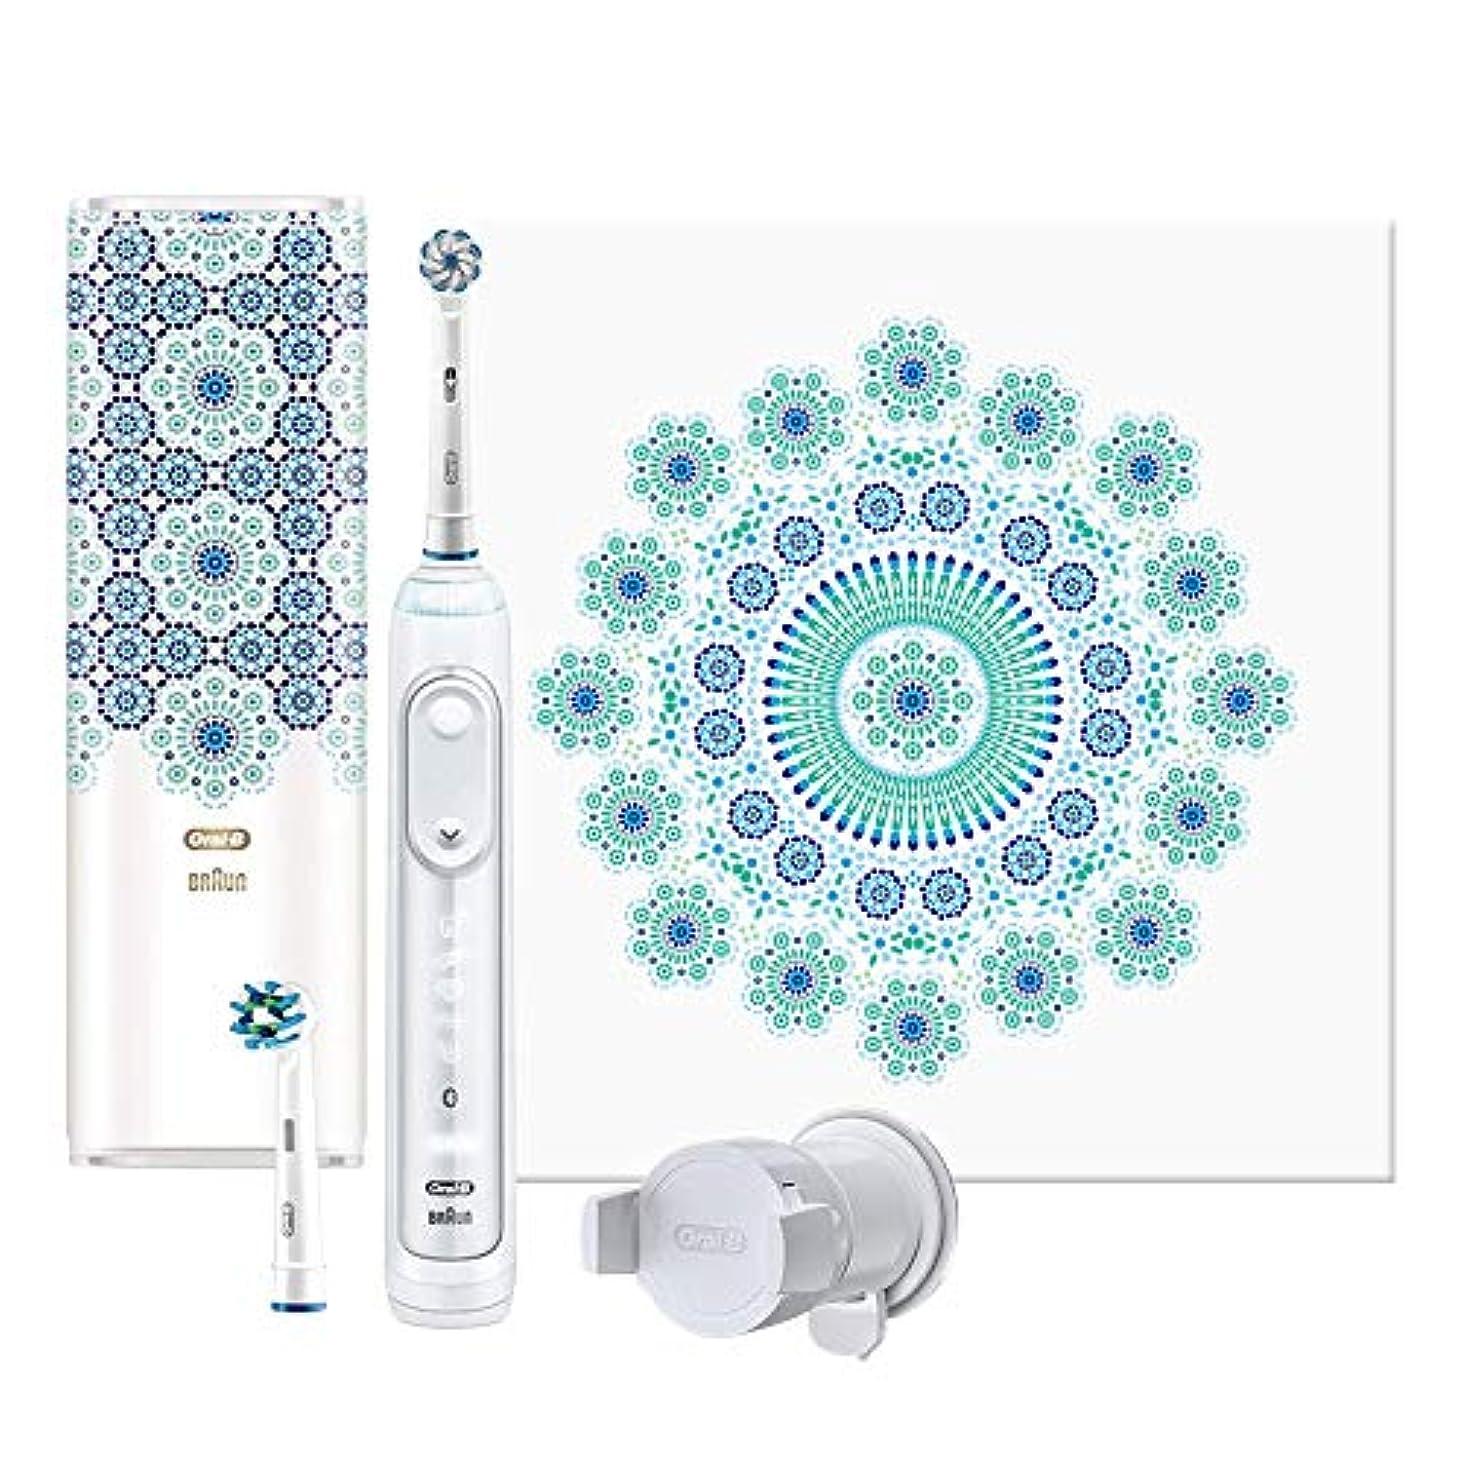 技術誤フリンジブラウン オーラルB 電動歯ブラシ ジーニアス9000 モロッコデザイン D7015256XCTMC